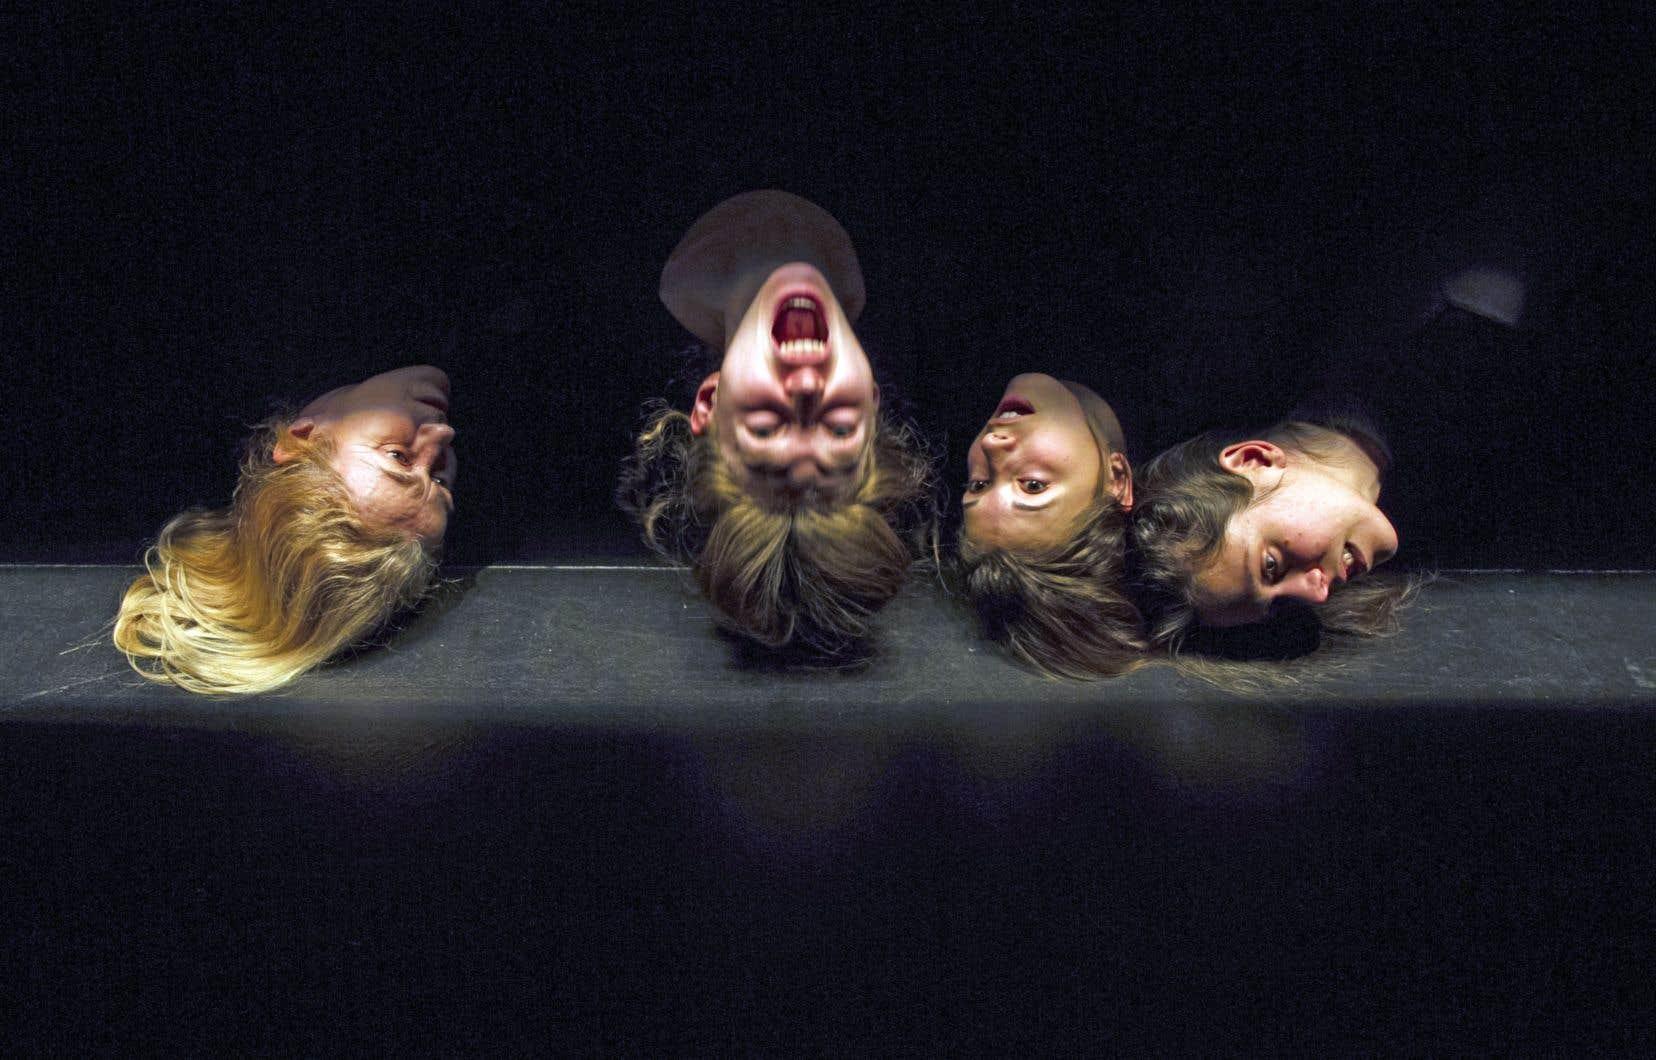 «Lamelles» tient à la fois de la performance, de la danse et du théâtre corporel, évoquant par moments les interactions orchestrées entre le muscle et la lumière par Daniel Léveillé.